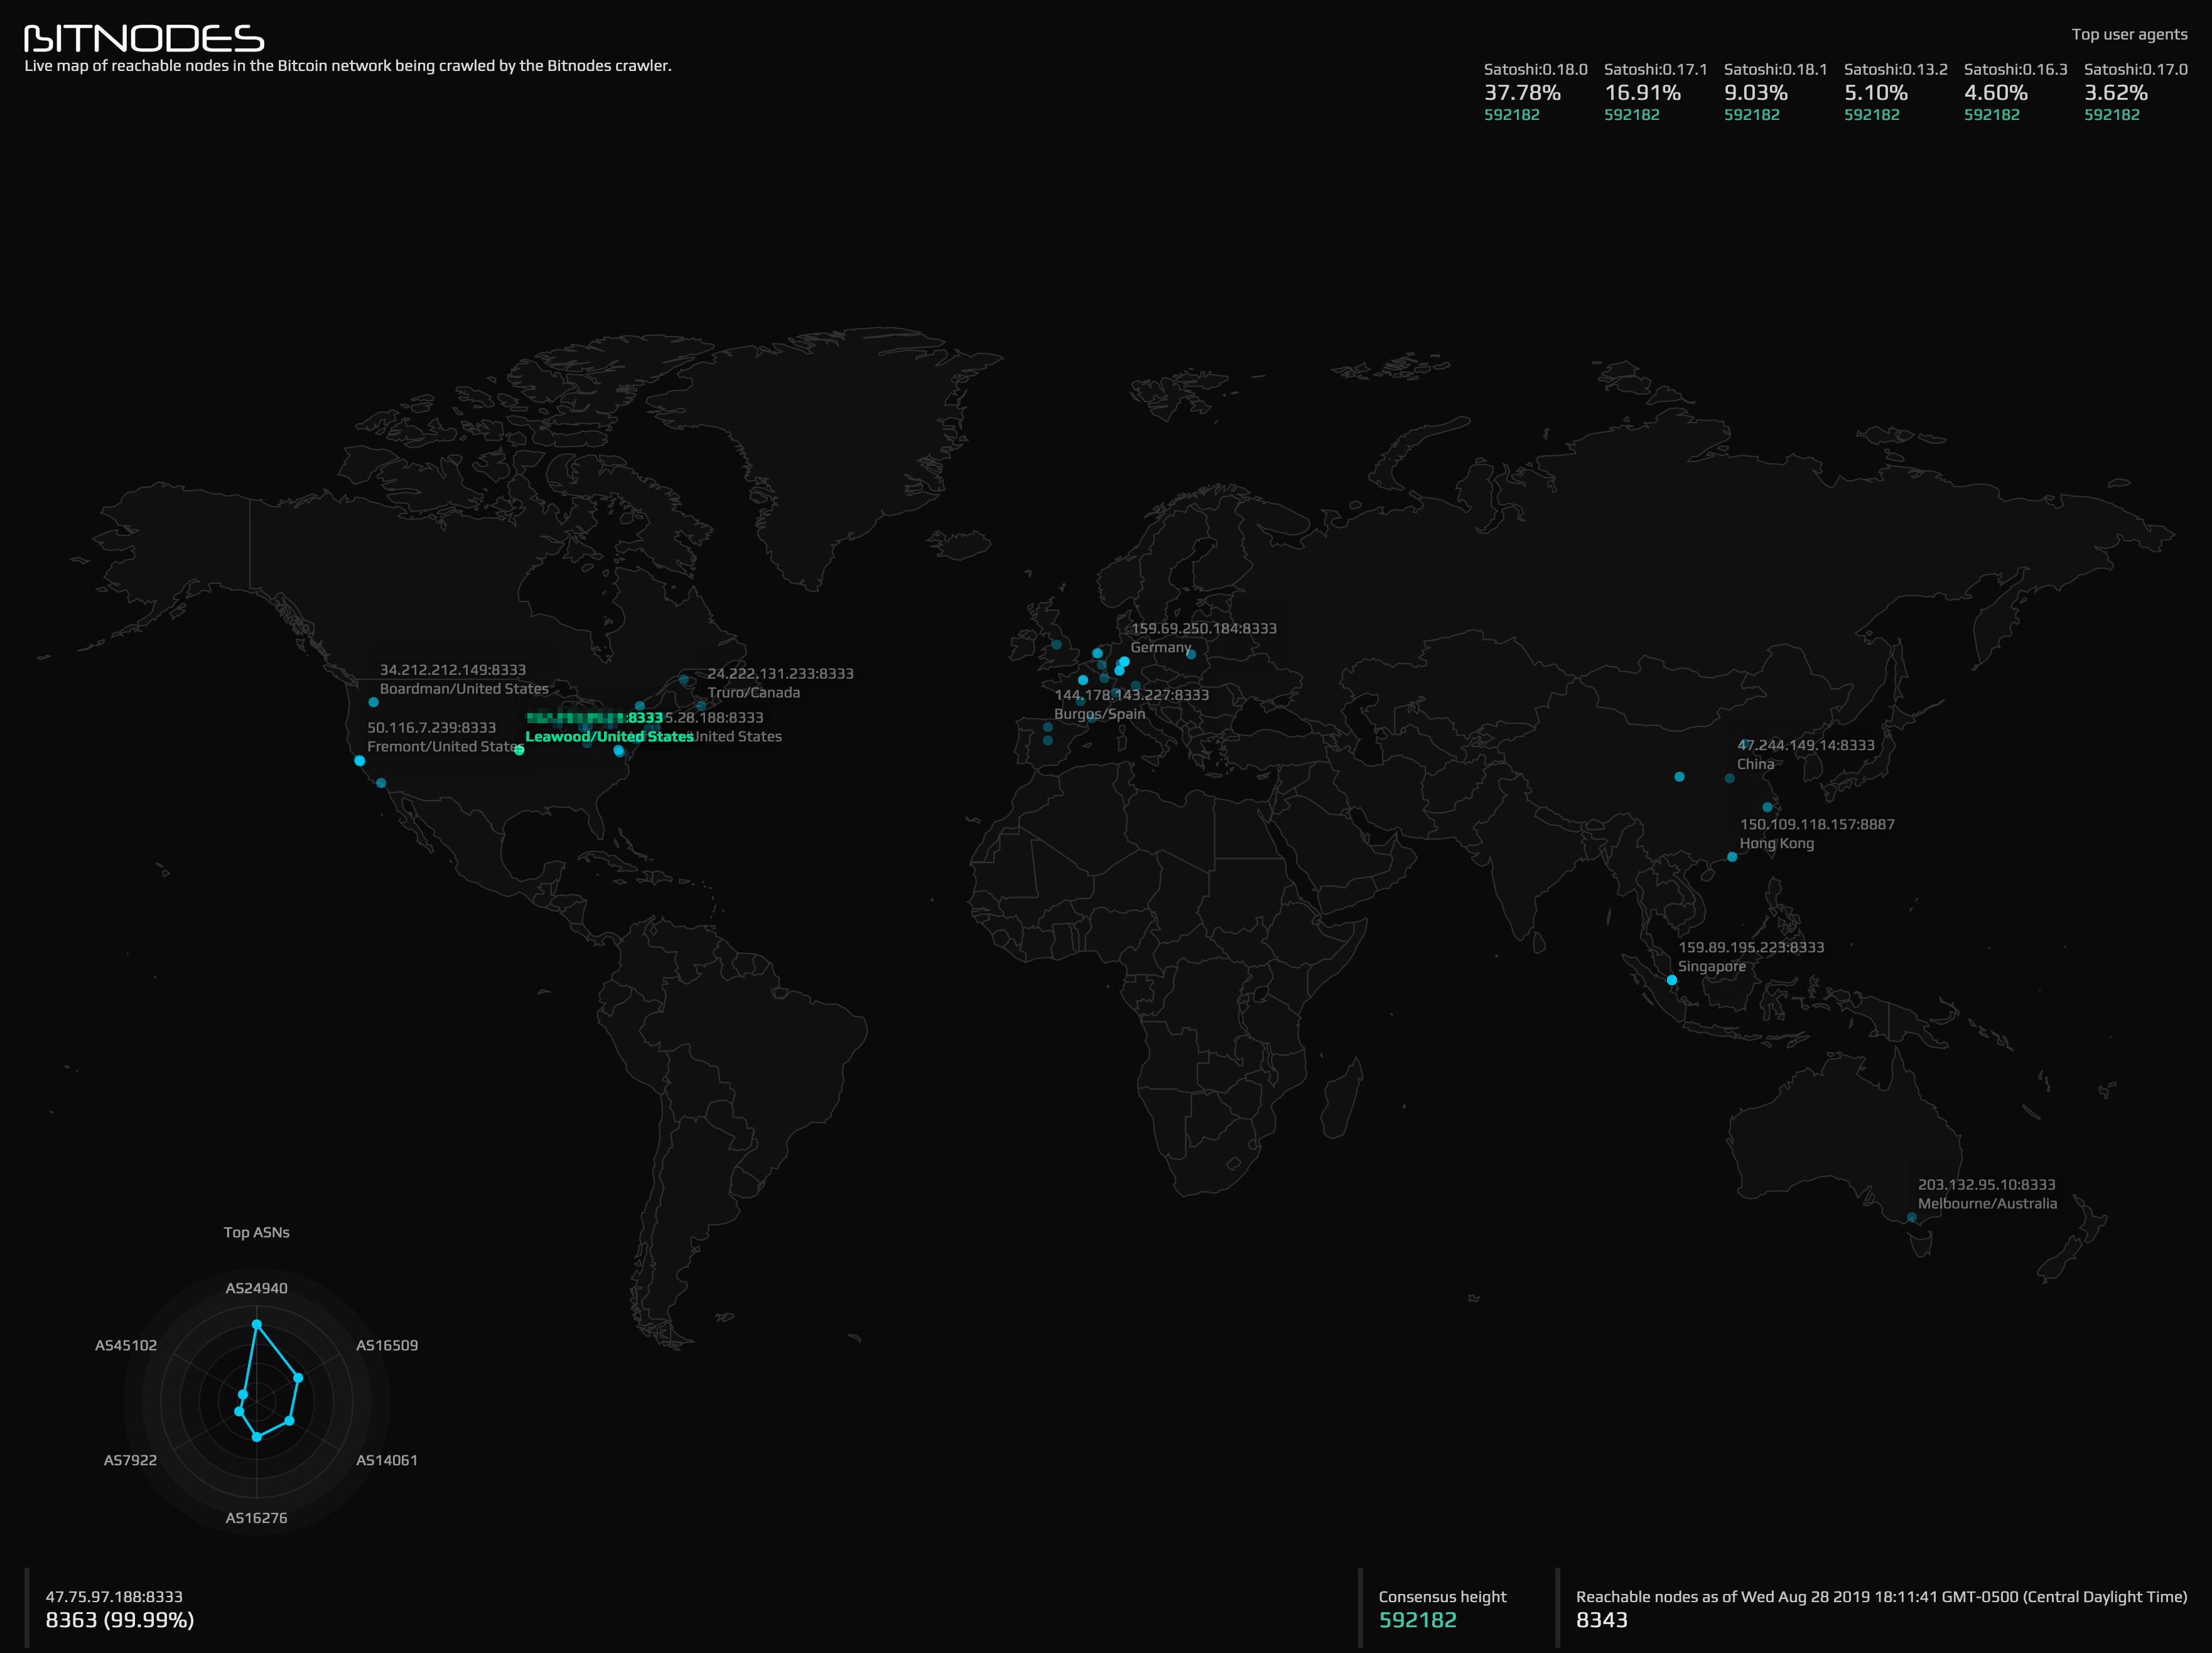 Bitnodes Bitcoin full-node heatmap.